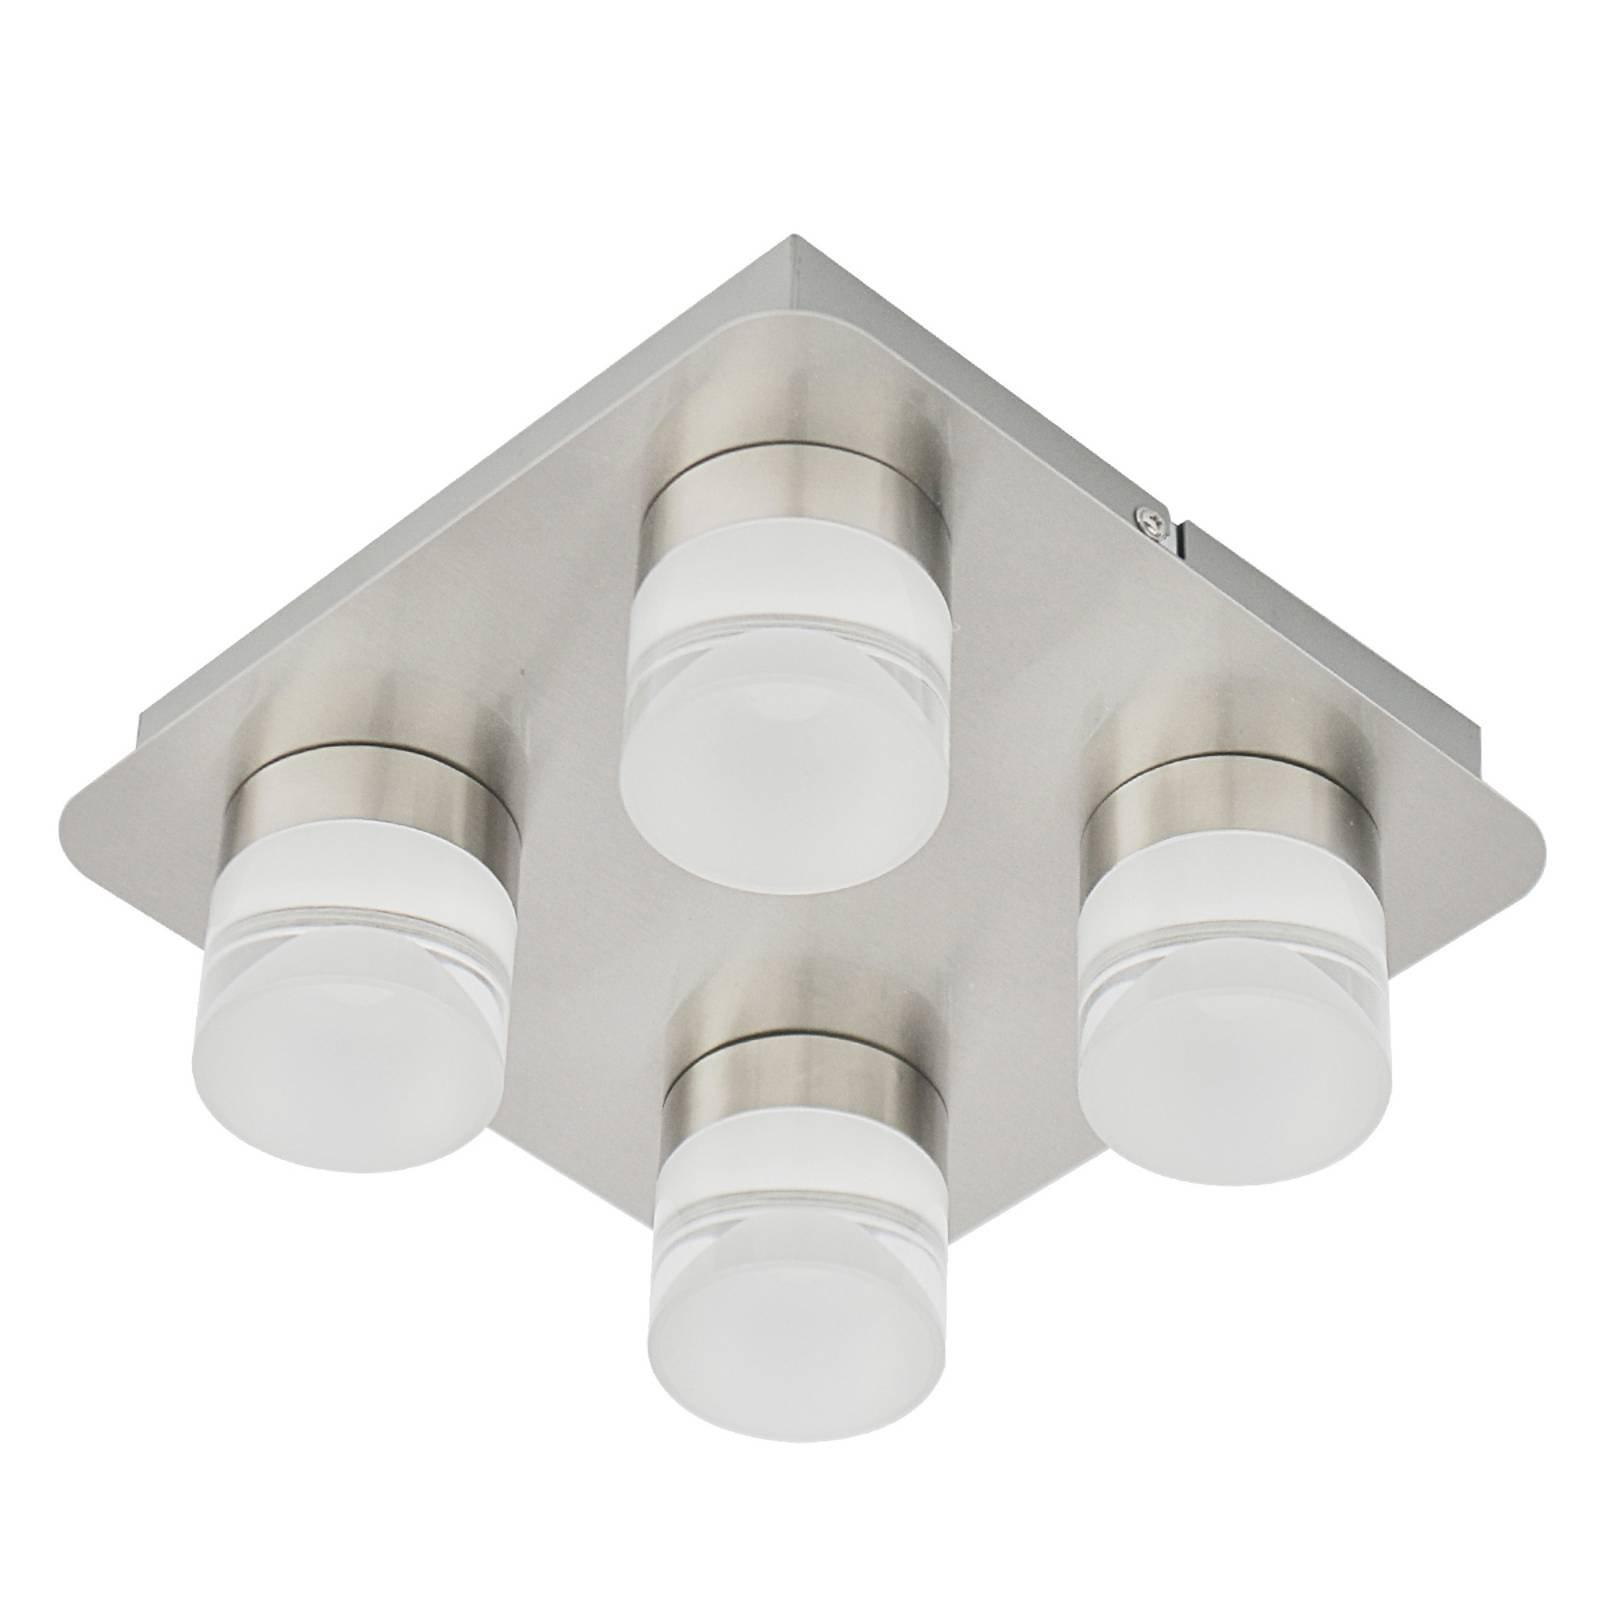 Taklampe Stefanie med fire LED-lyskilder